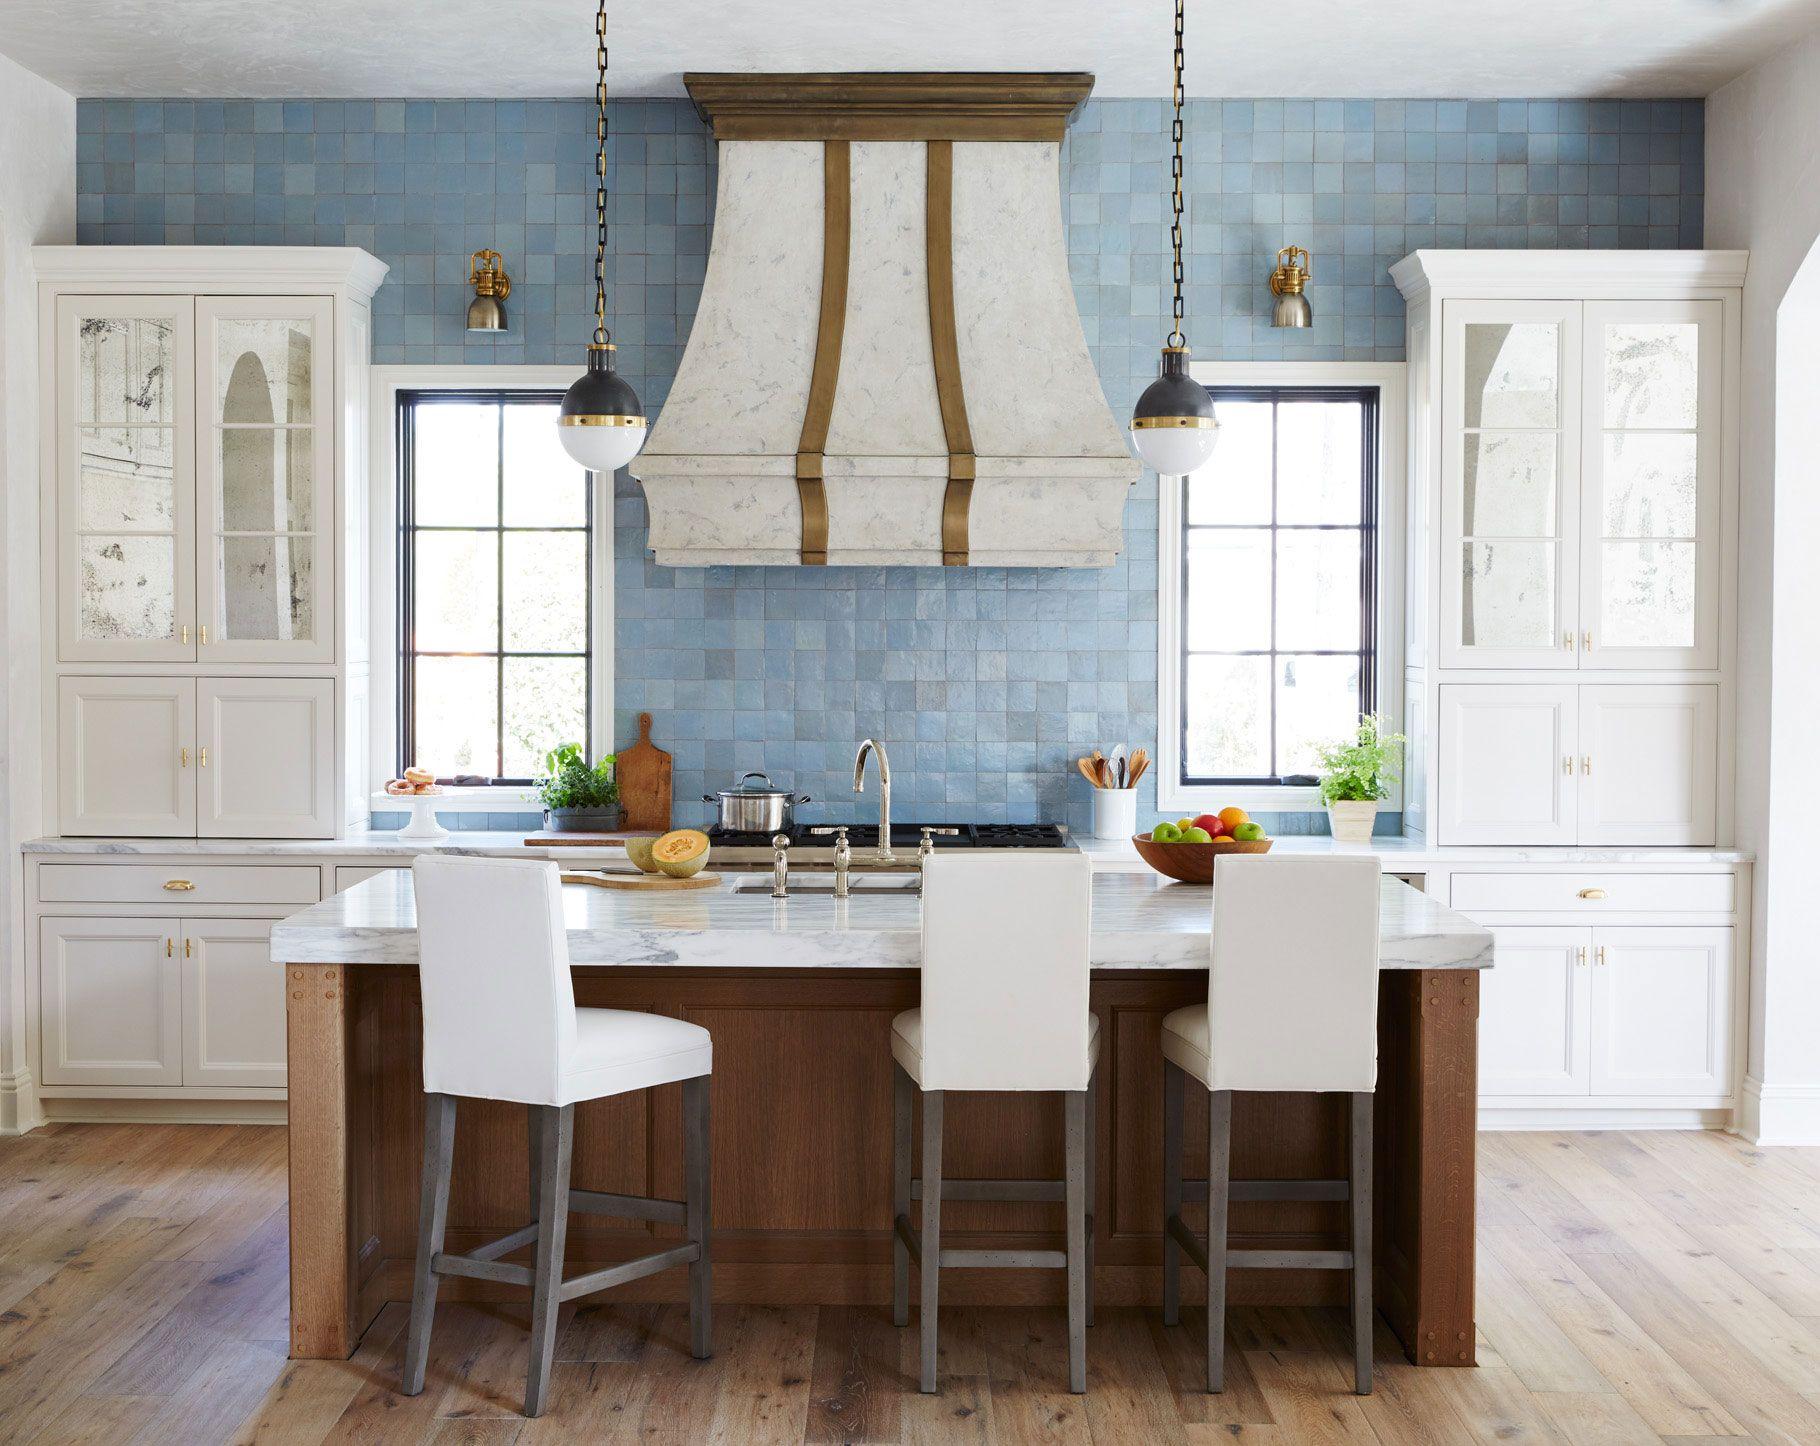 Decorating Goals: Andrew Howard Interior Design